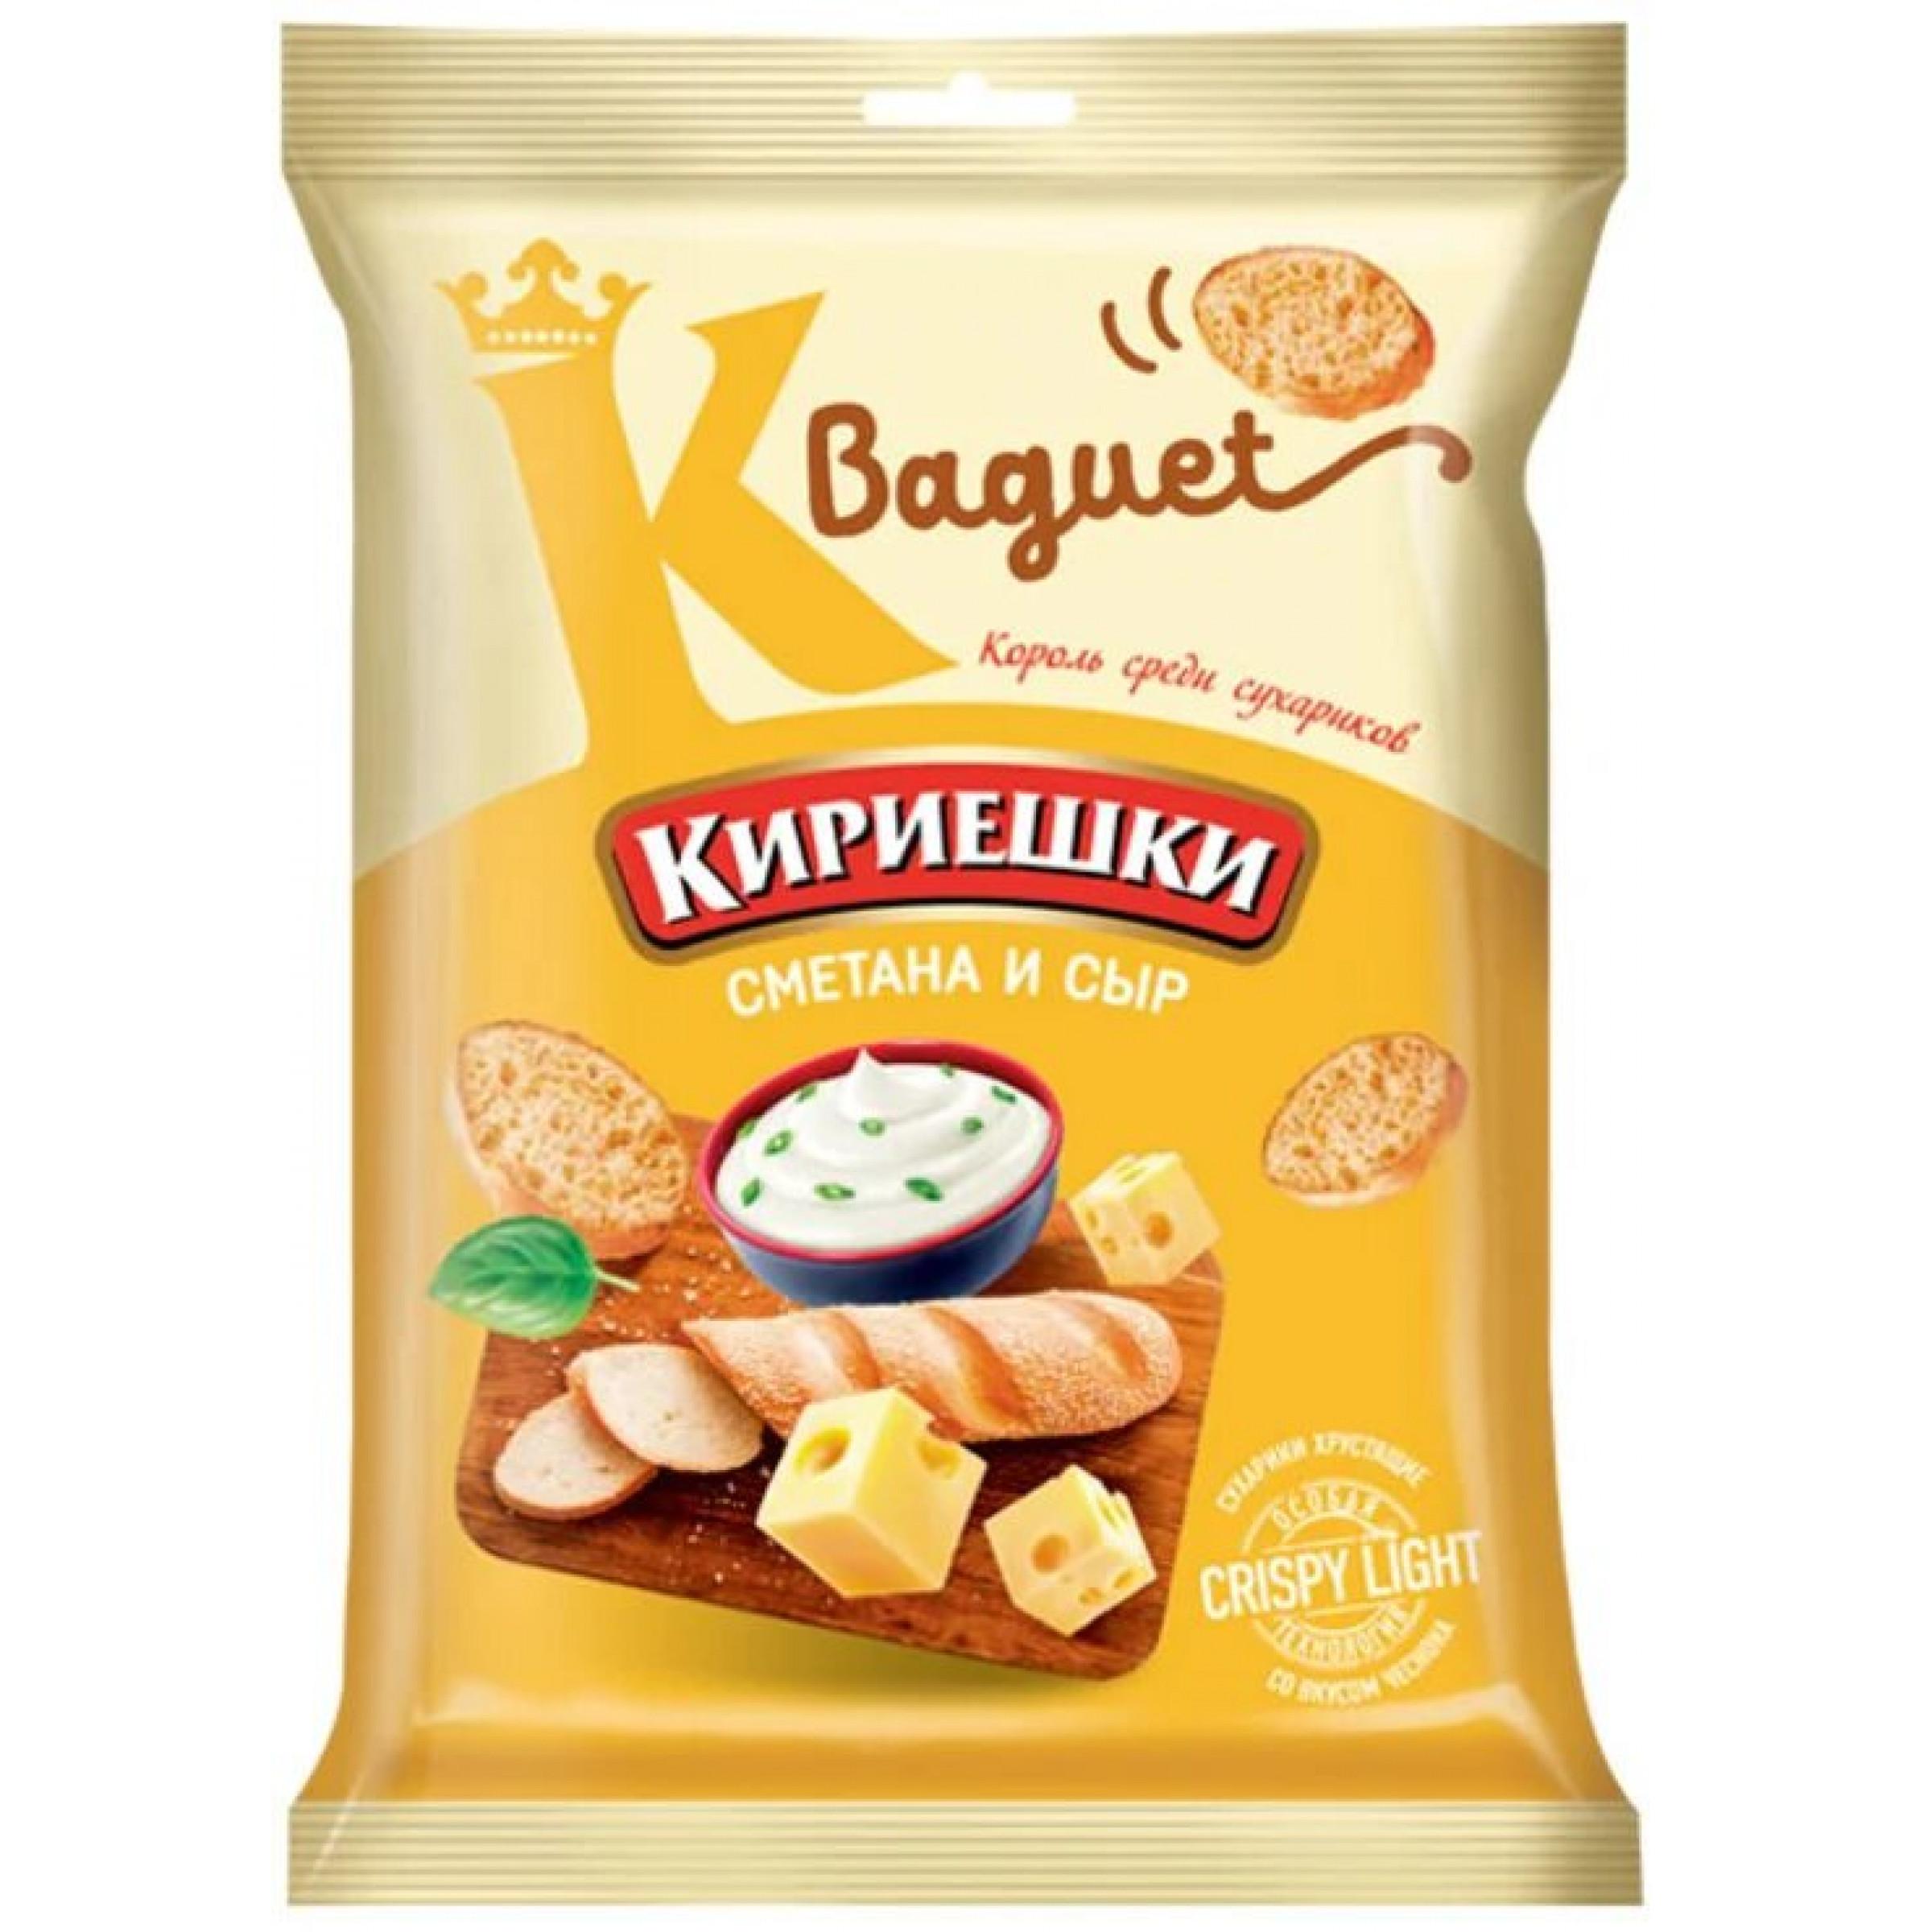 Сухарики Кириешки Baguet сметана и сыр, 50 гр